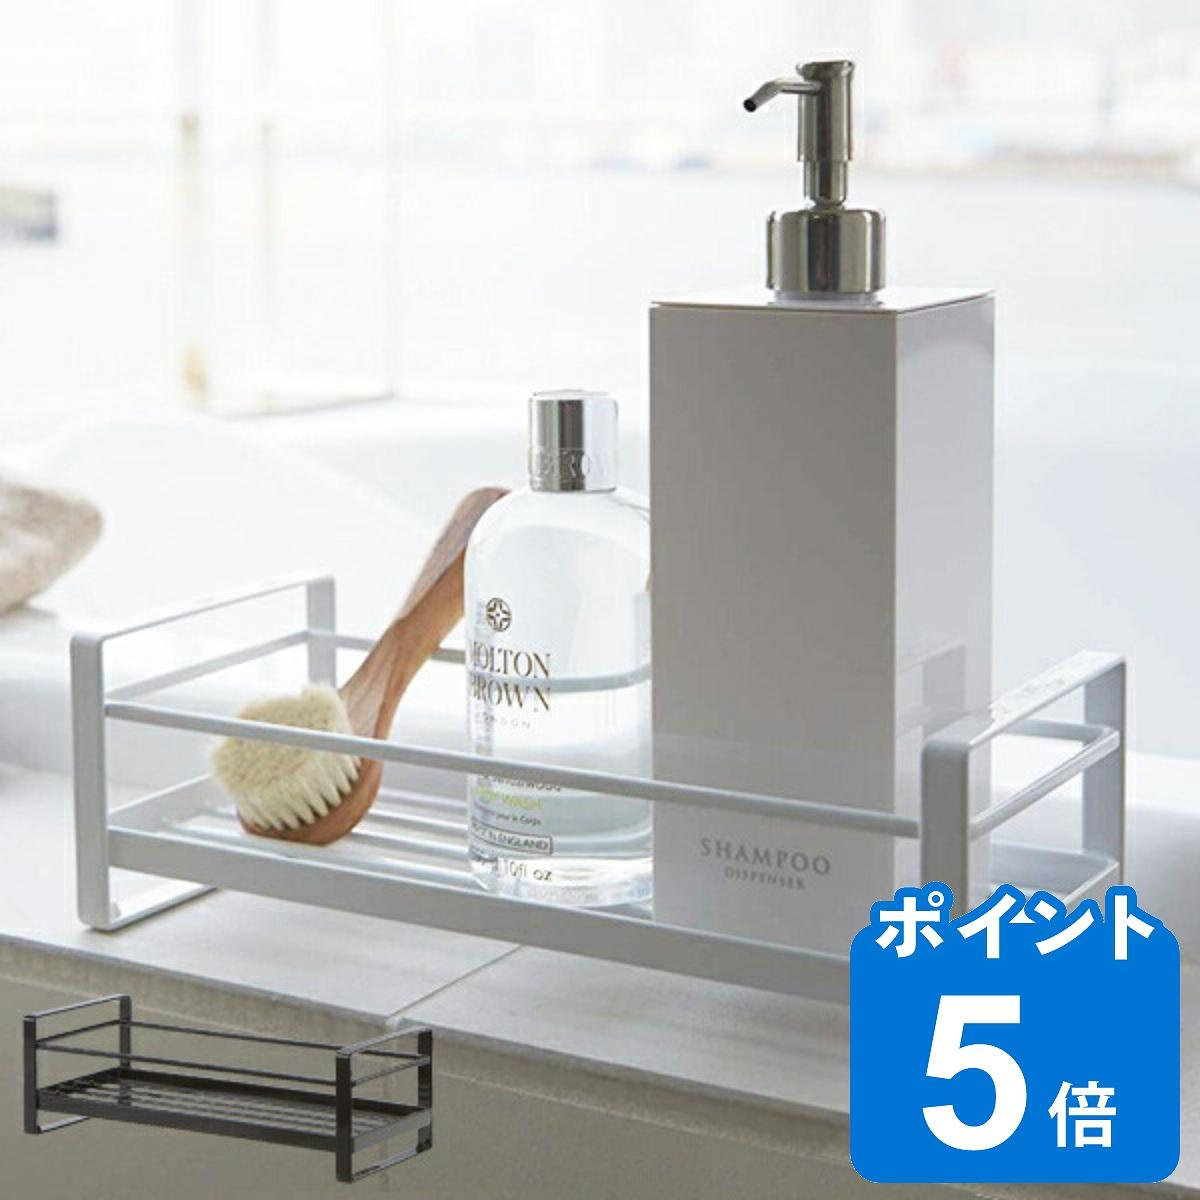 livingut   Rakuten Global Market: Dispenser stand 1 shampoo racks ...